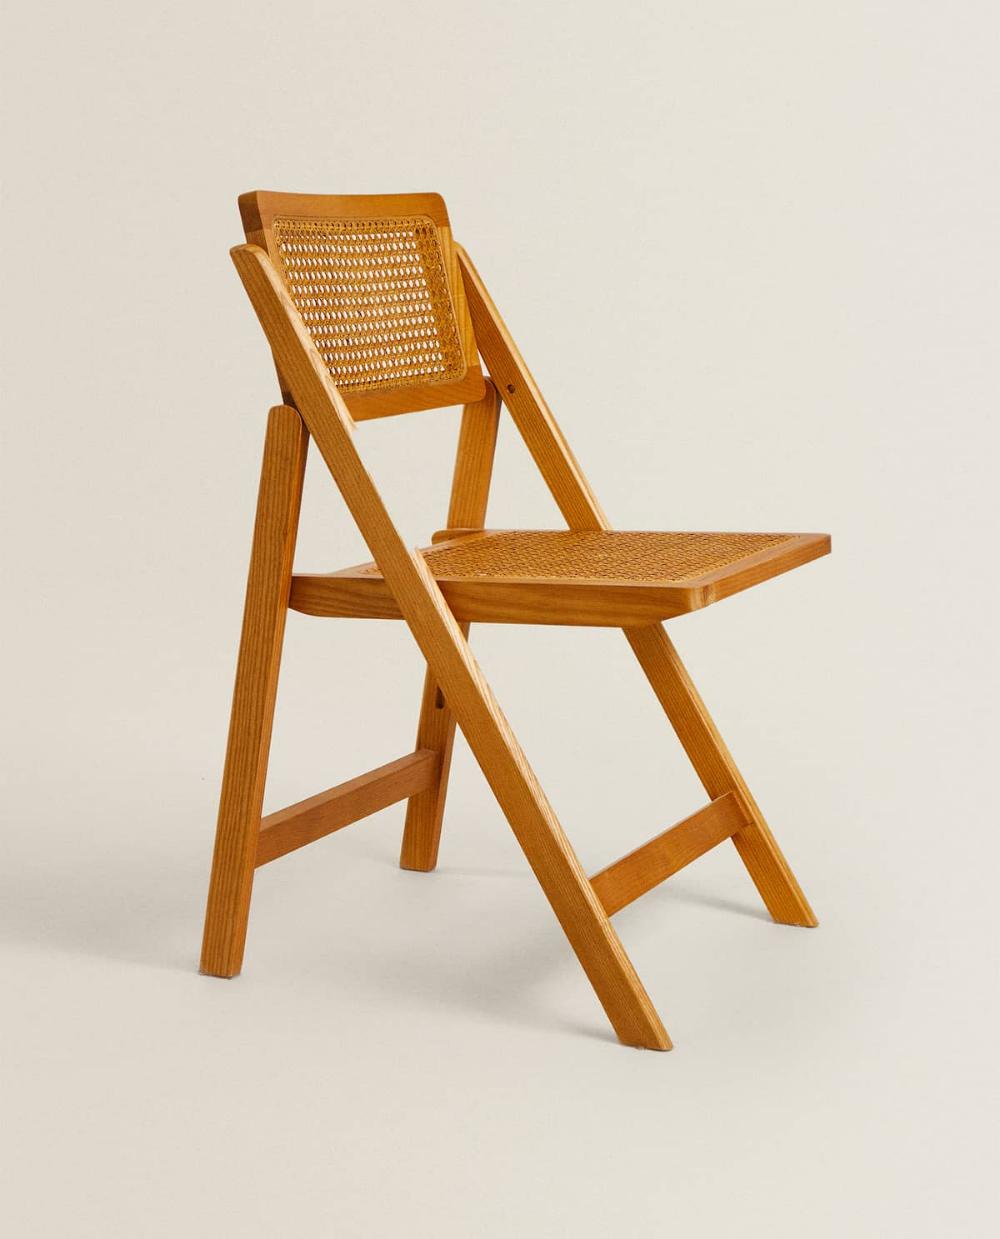 Cadeira Dobravel Madeira E Rata Folding Chair Wood Folding Chair Chair